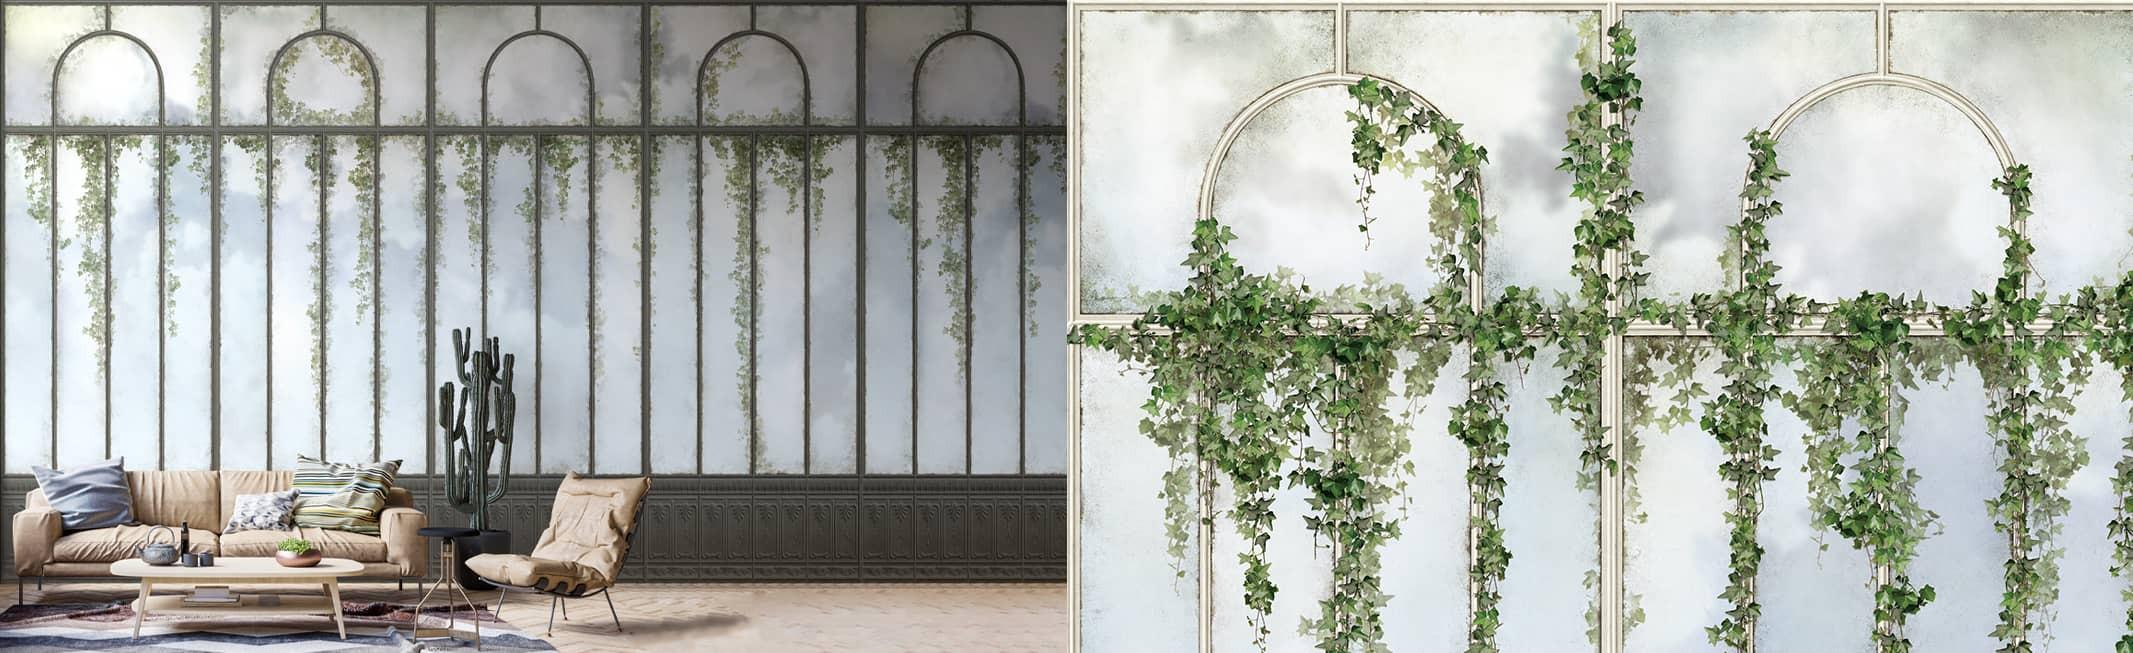 royal greenhouse murals